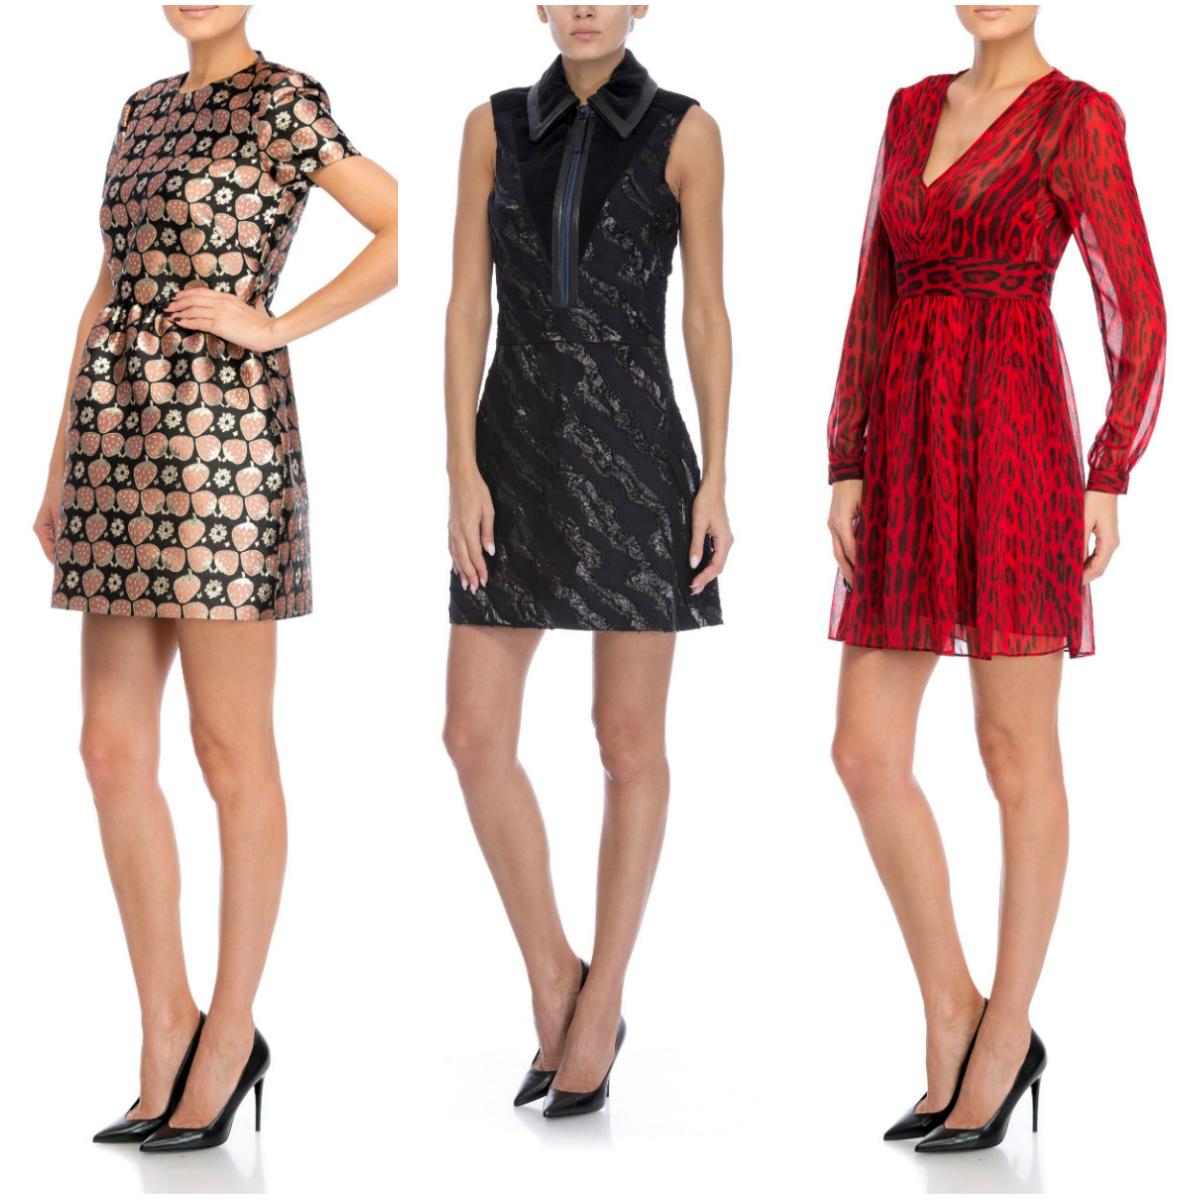 Sarbatori cu stil! Ce rochii de ocazie te scot din dificultate?!